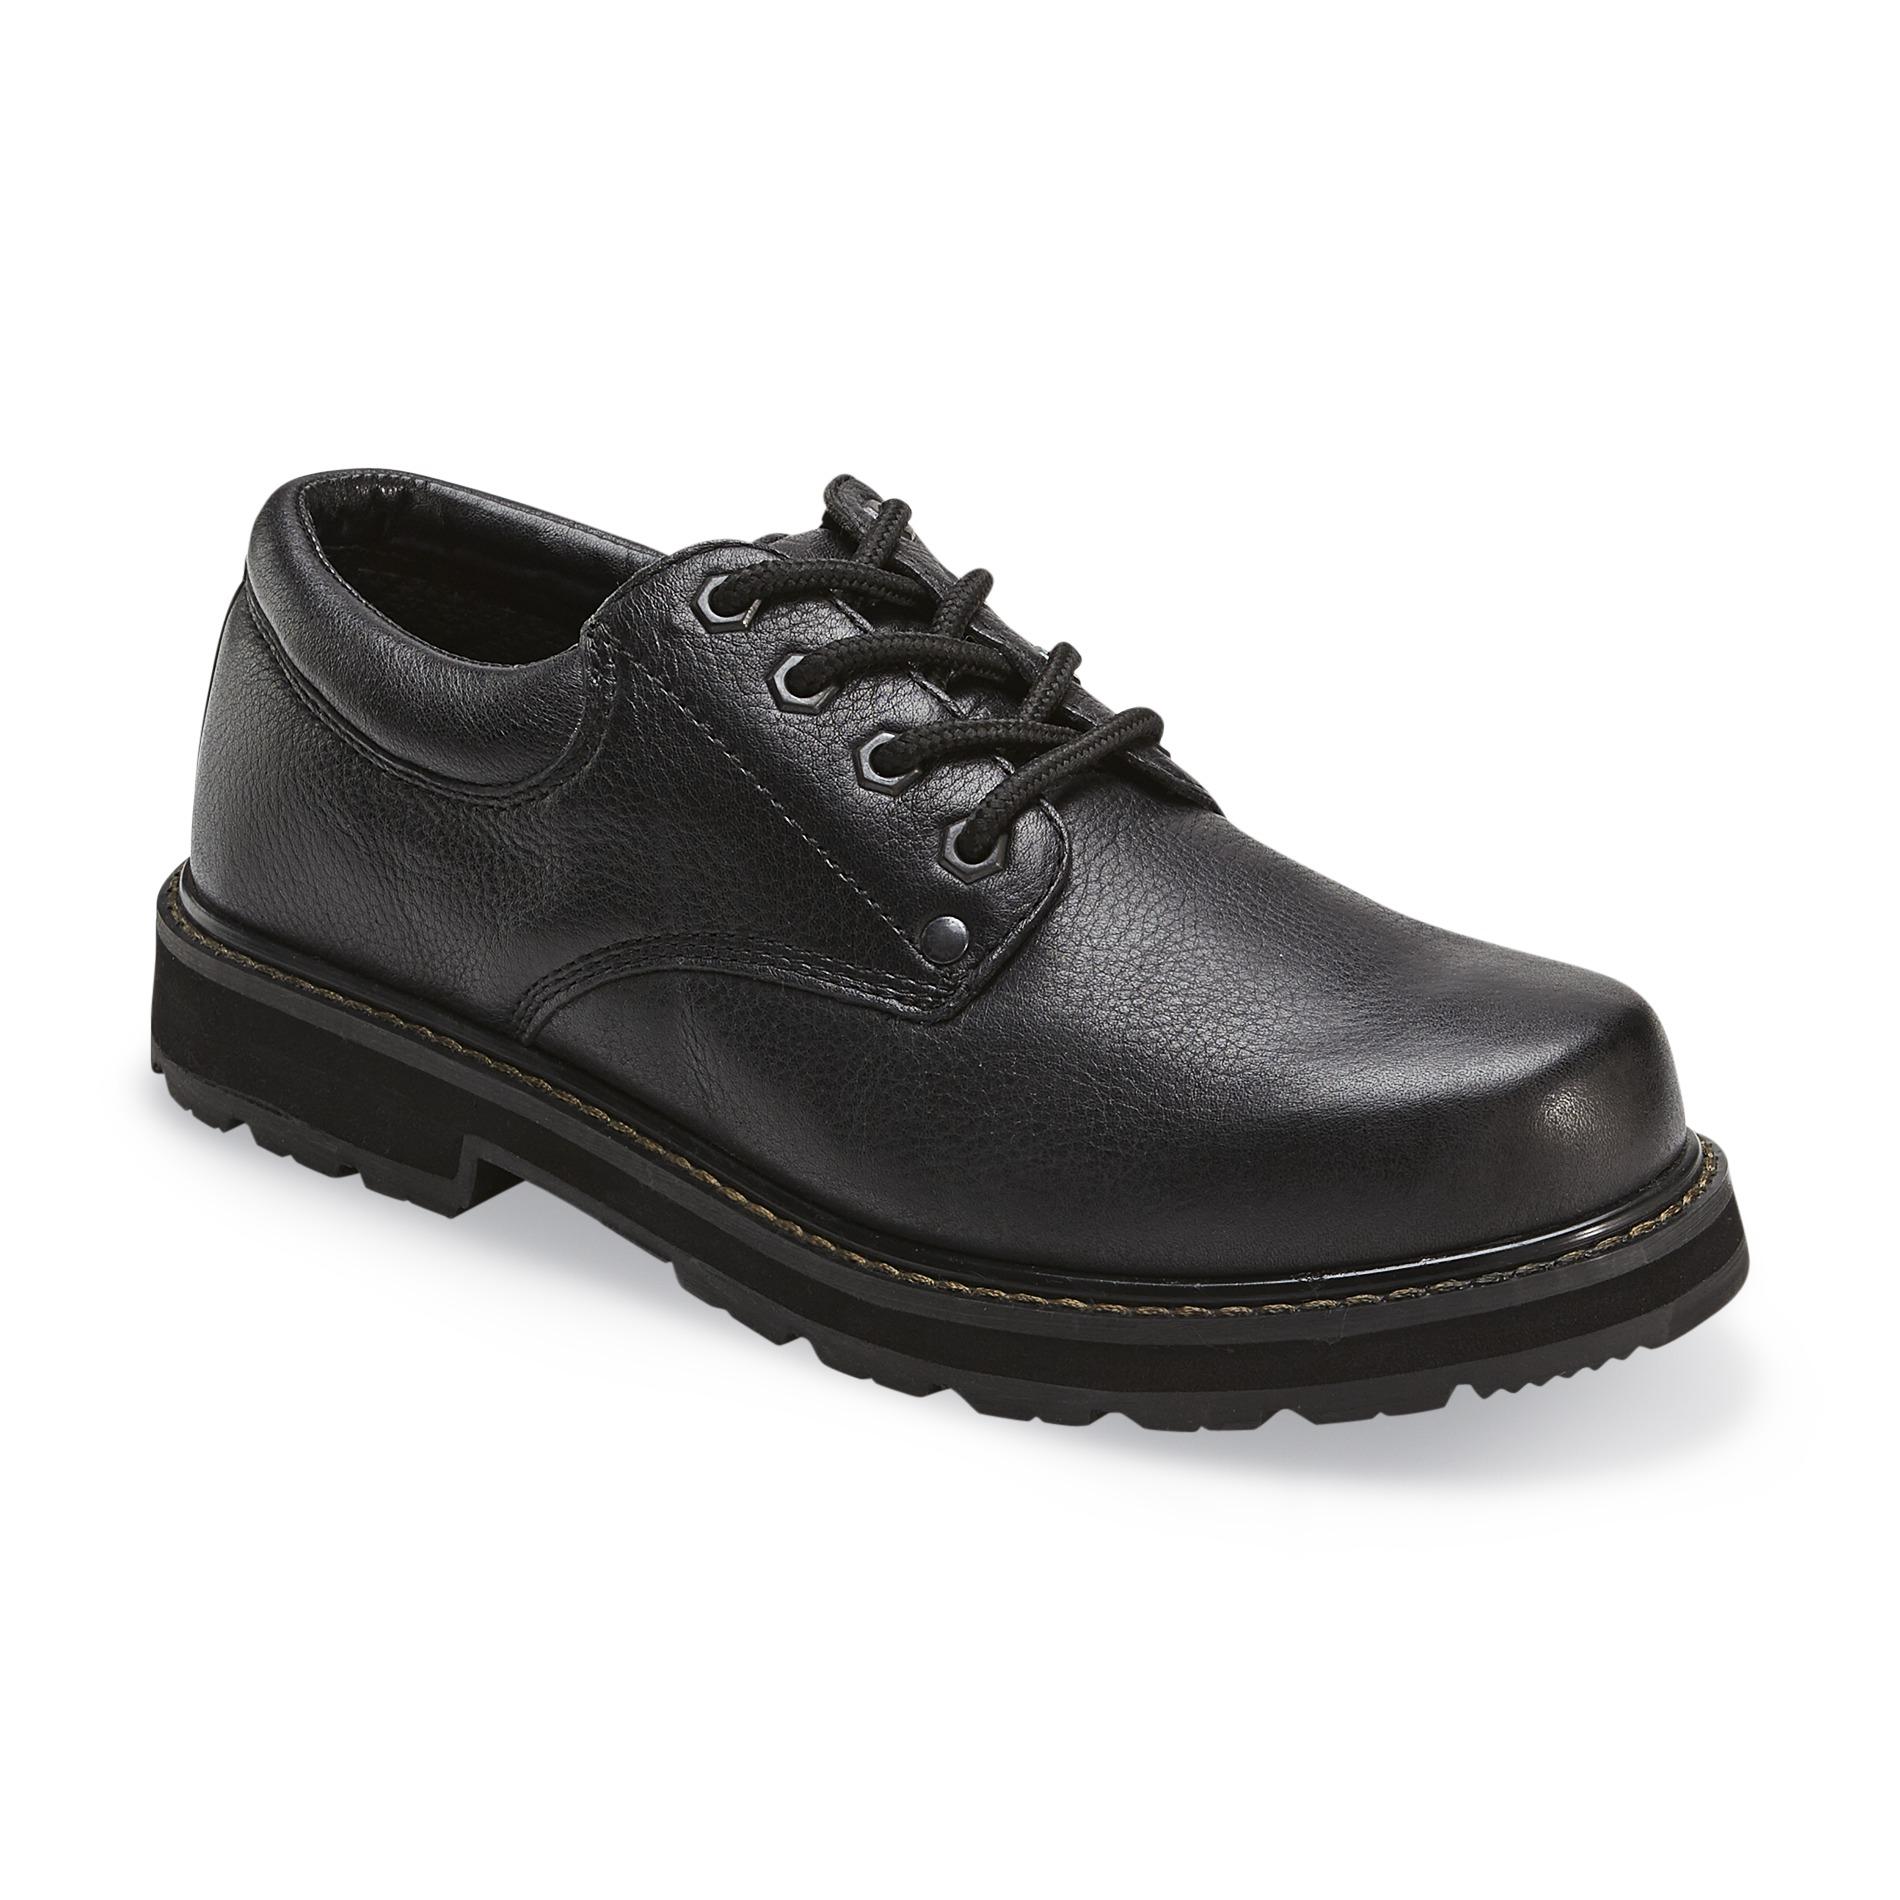 work shoes dr. schollu0027s menu0027s harrington slip resistant work shoe wide width available  - black HKZUPTR